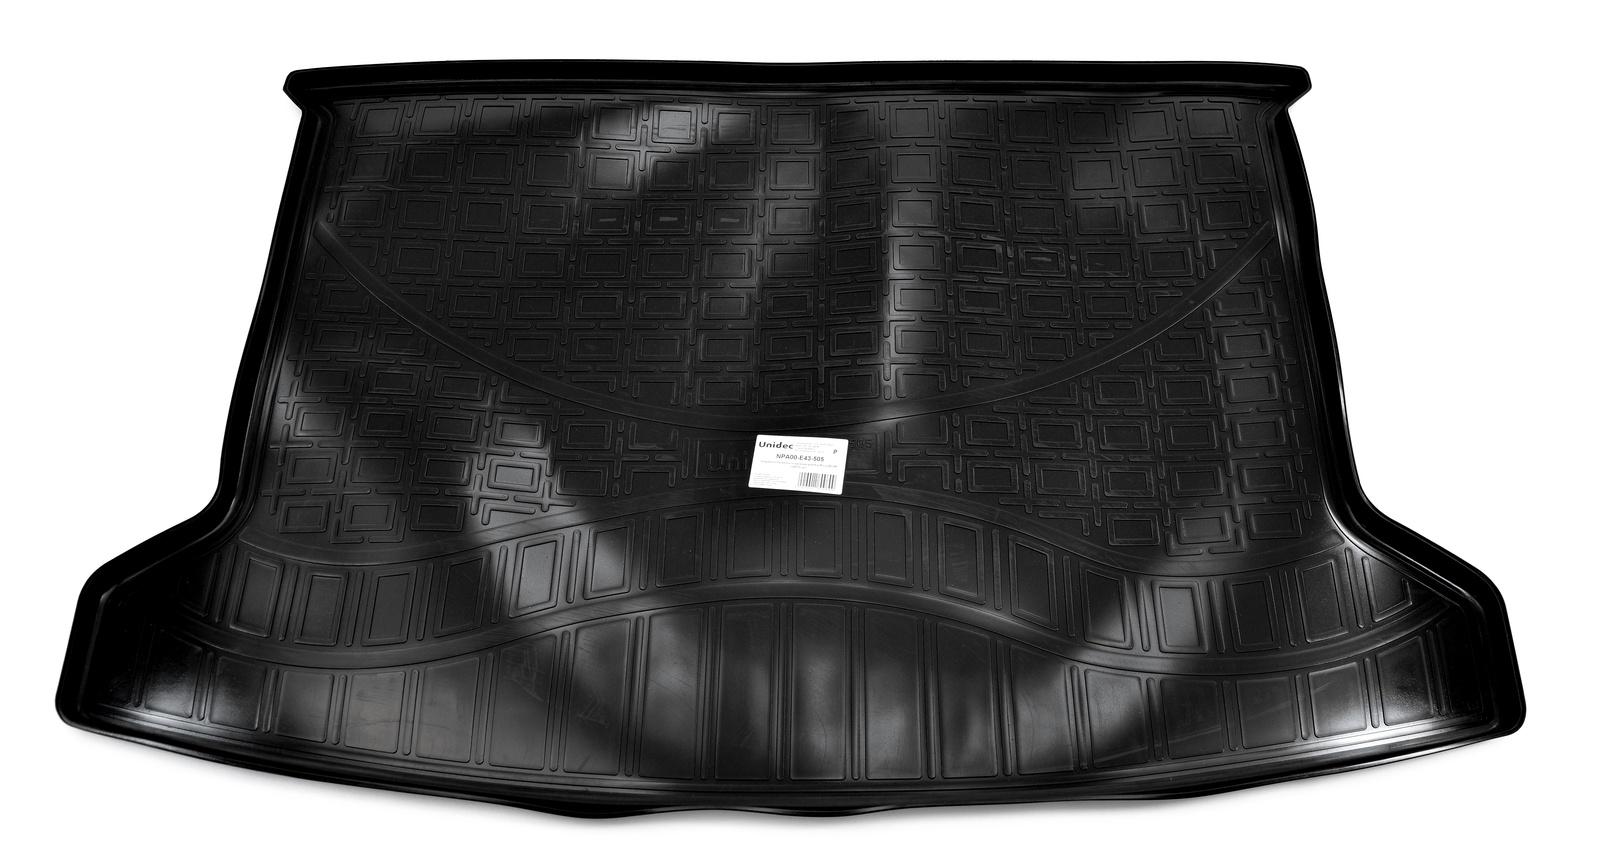 Коврики в салон автомобиля Avtodriver литьевые для Kia Rio Fb (2017-) / Hyundai Solaris Hcr (2017-), Np11-Ldc-43-504, черный gm ldc 300o